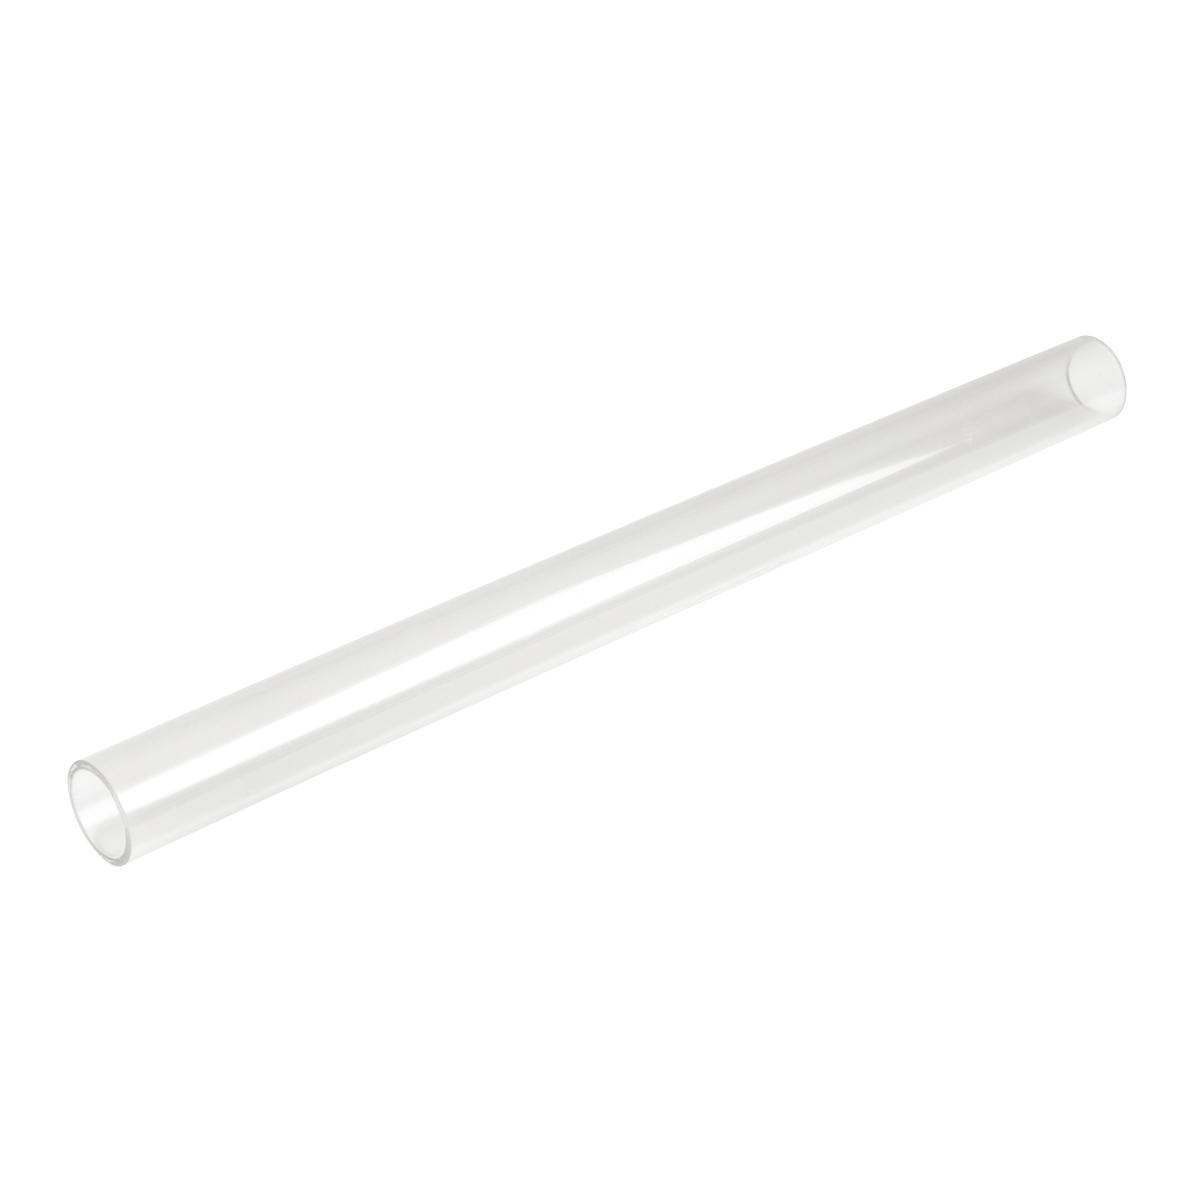 IBG® PVC-u Rohr Sondertype, transparent ohne Muffe, 5m, PN16/10 d20x1,5 IBG® PVC-u Rohr Sondertype, transparent ohne Muffe, 5m, PN16/10 d20x1,5